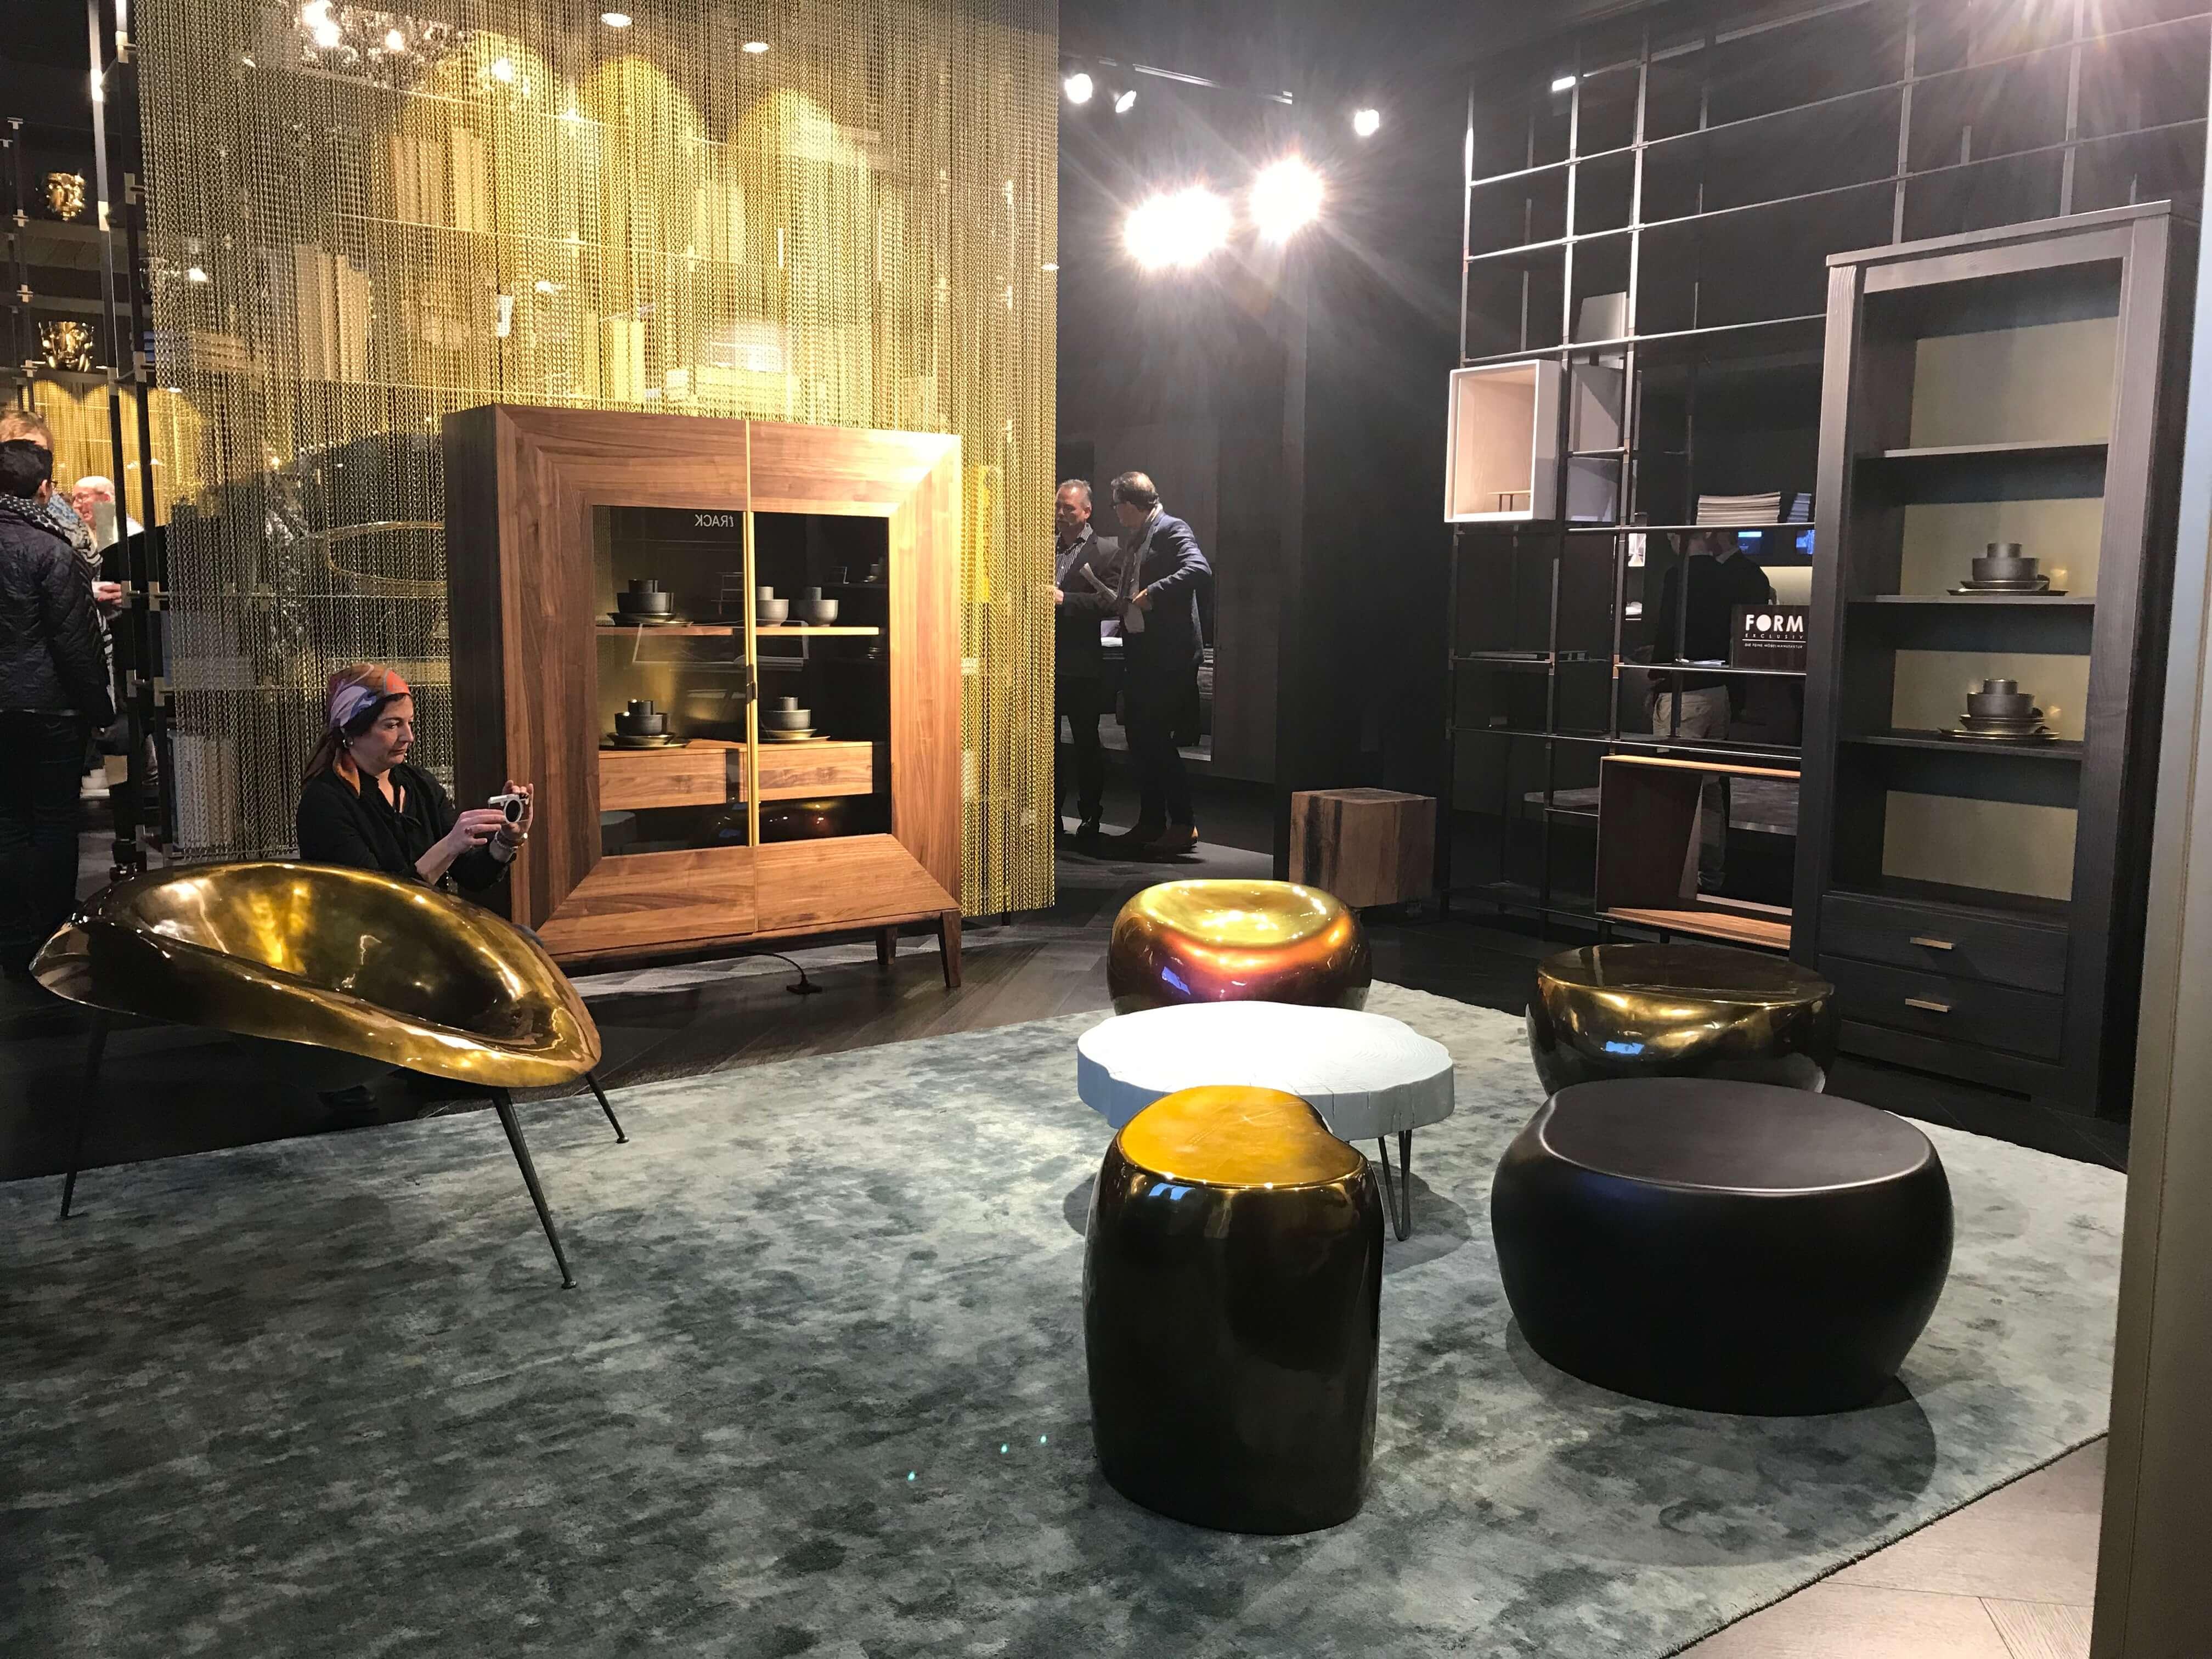 Schwarz und Gold: Ein echter Klassiker, der Dekadenz, Stil und Luxus perfekt manifestiert